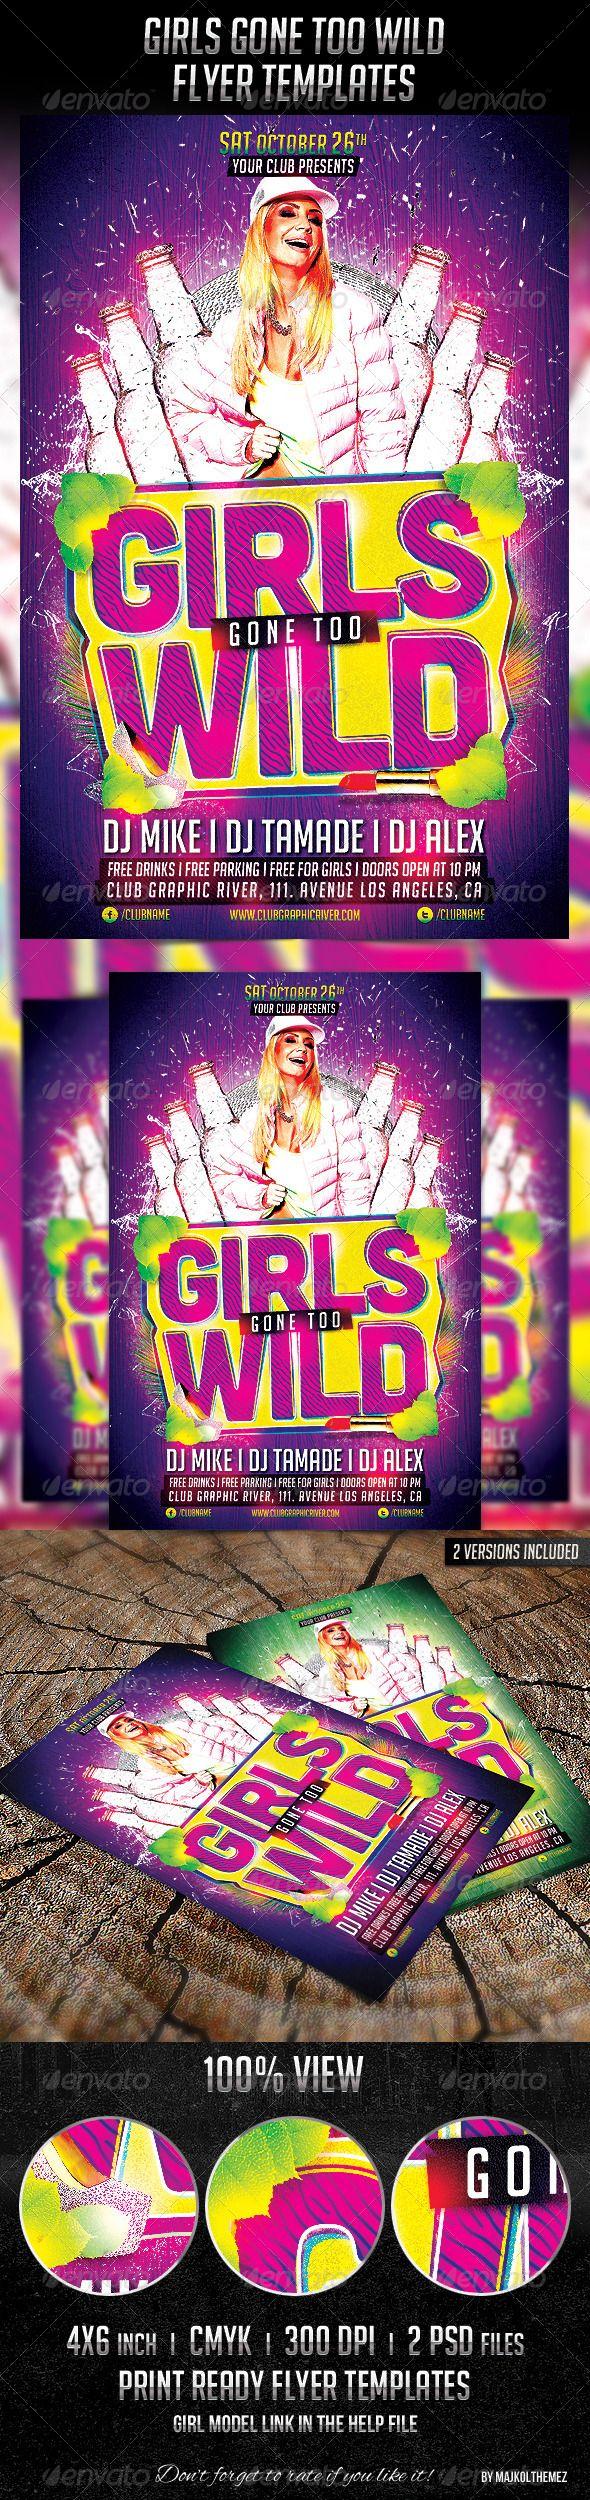 Girls gone wild magazines-6561